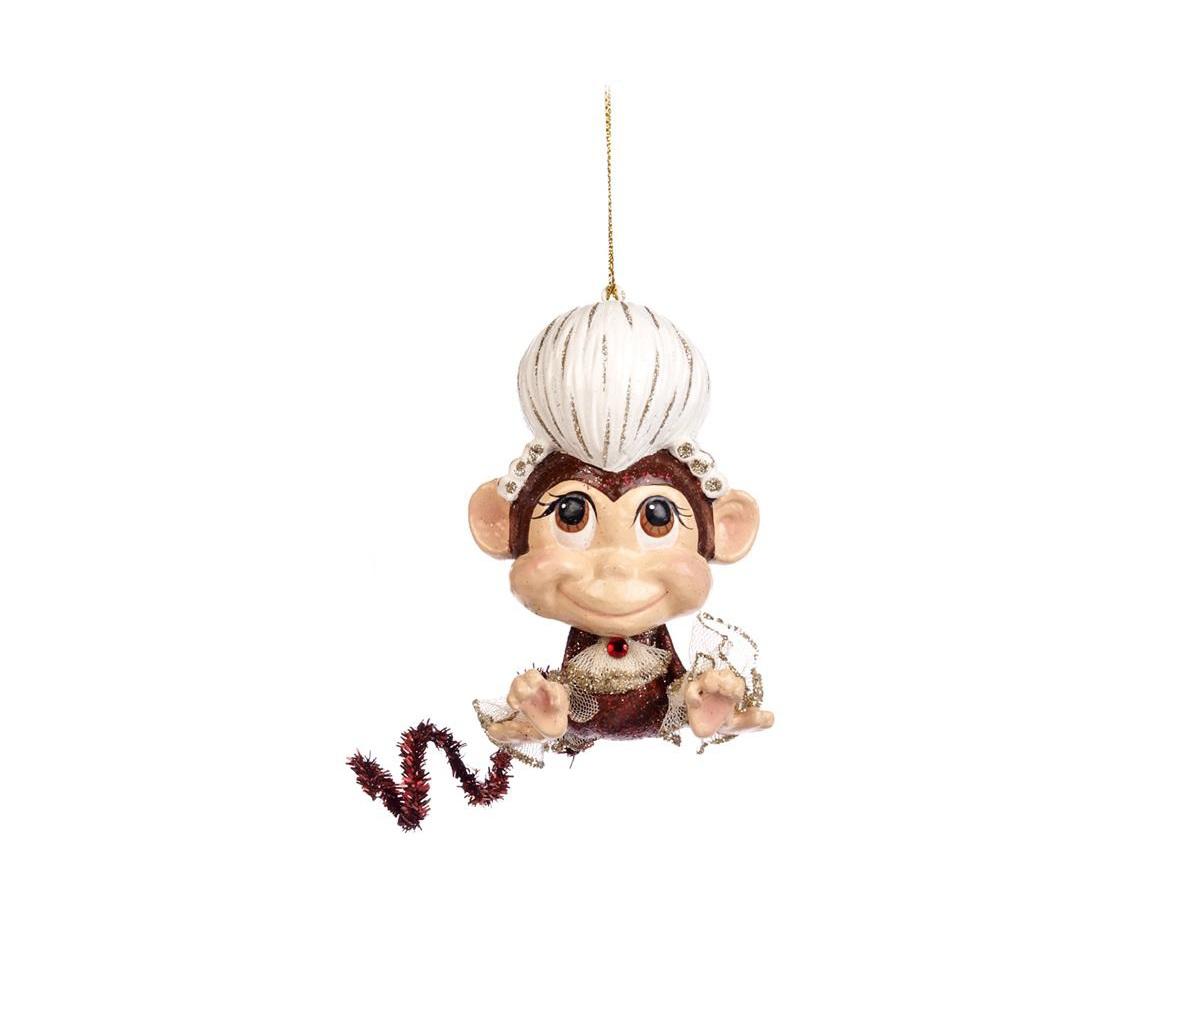 Ёлочное украшение Обезьянка-МоцартНовогодние игрушки<br>ручная работа<br><br>Material: Полистоун<br>Width см: 7<br>Depth см: 86<br>Height см: 11